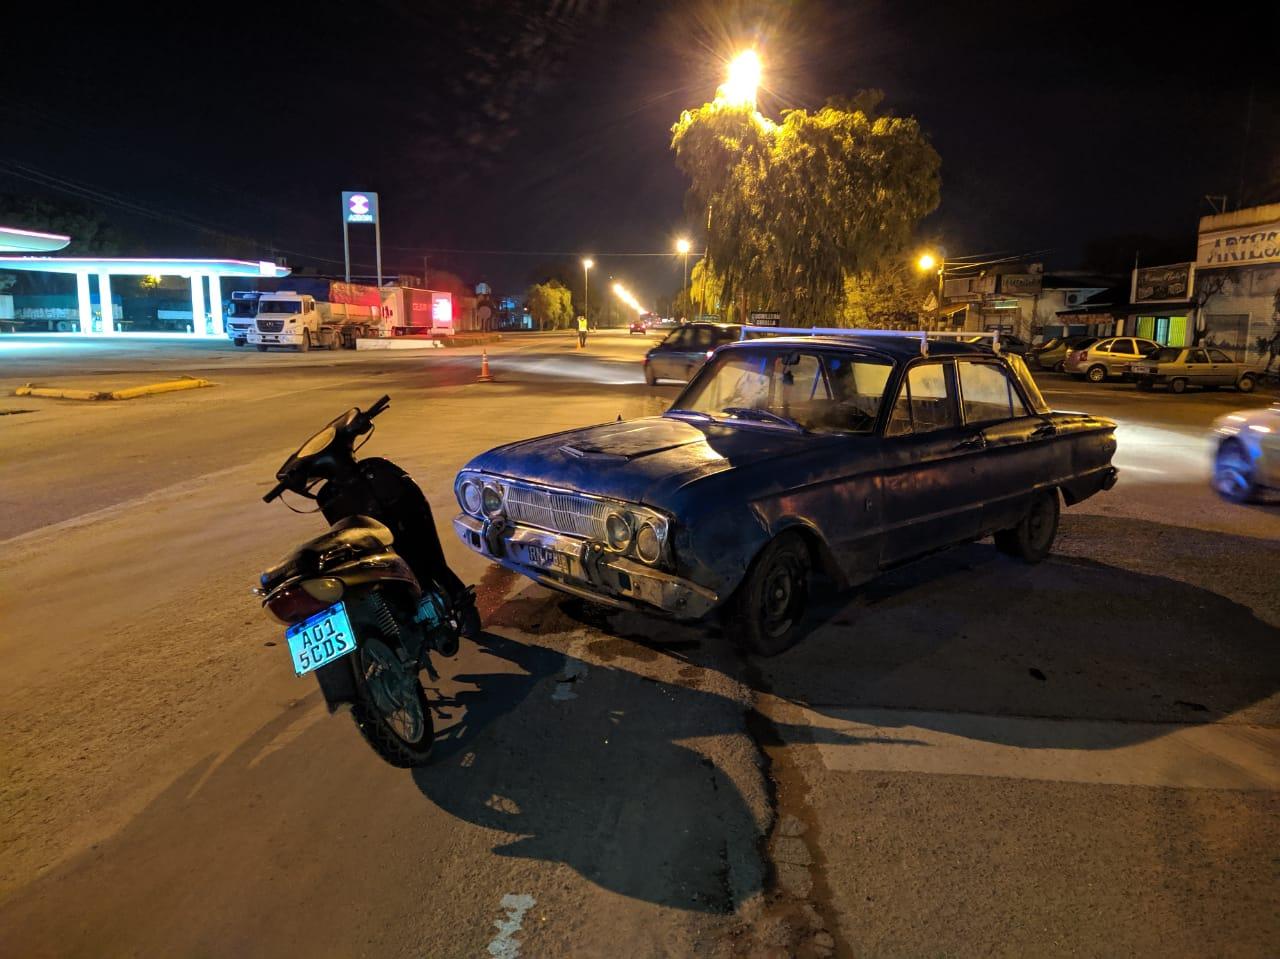 Otro accidente de moto con un herido: esta vez en Ruta 3 y San Martín